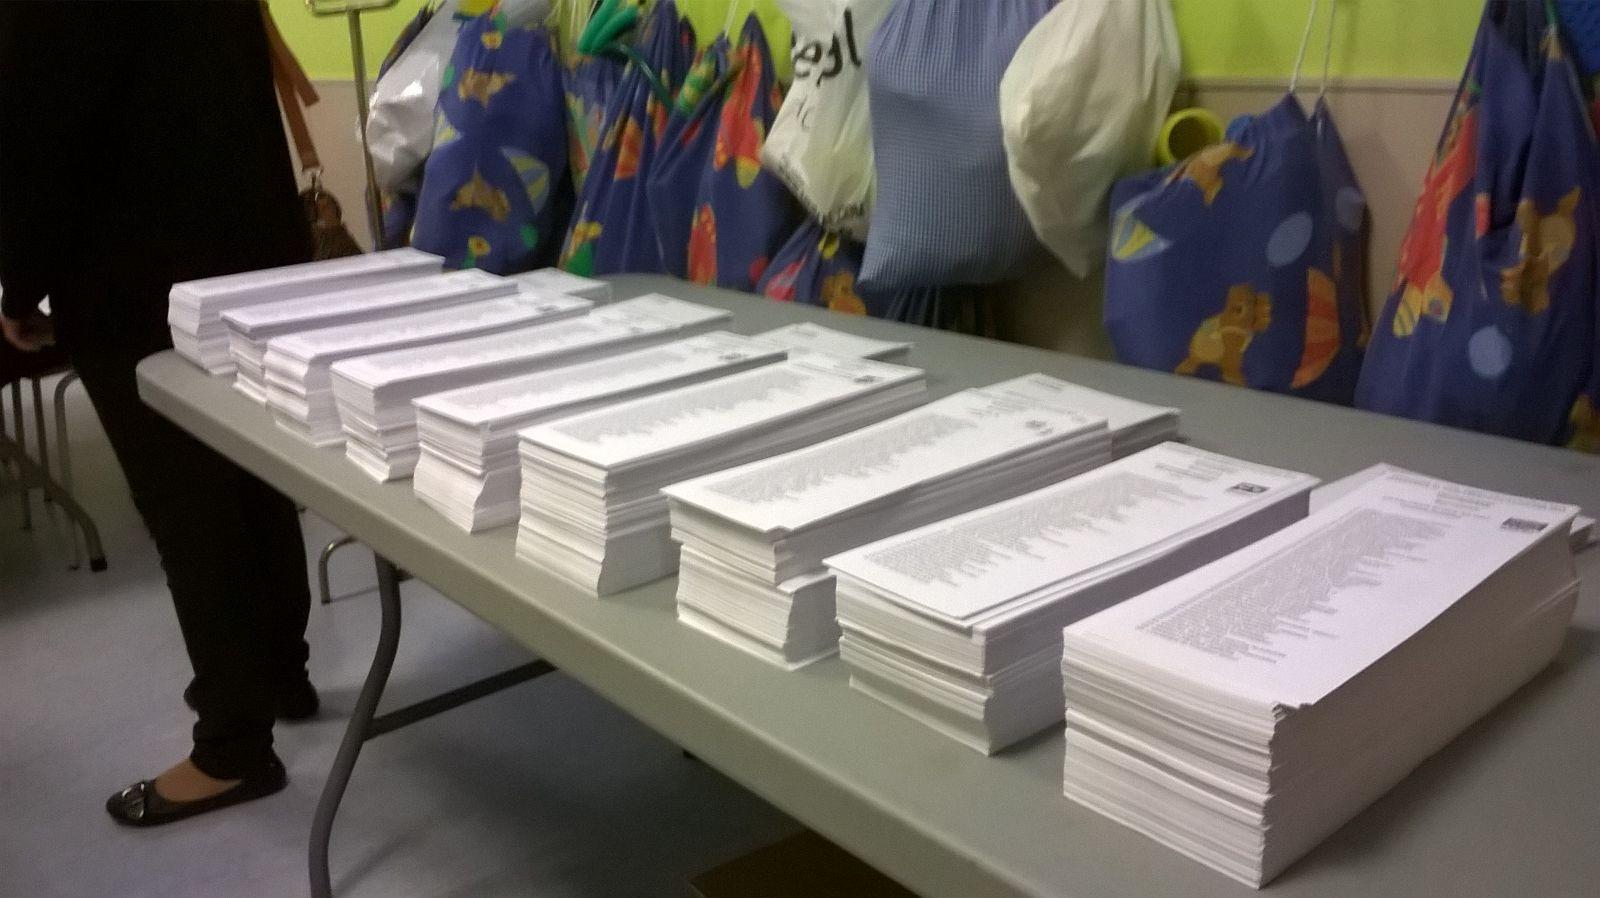 10 candidatures concorreran a les properes Eleccions Municipals a Vilanova del Camí